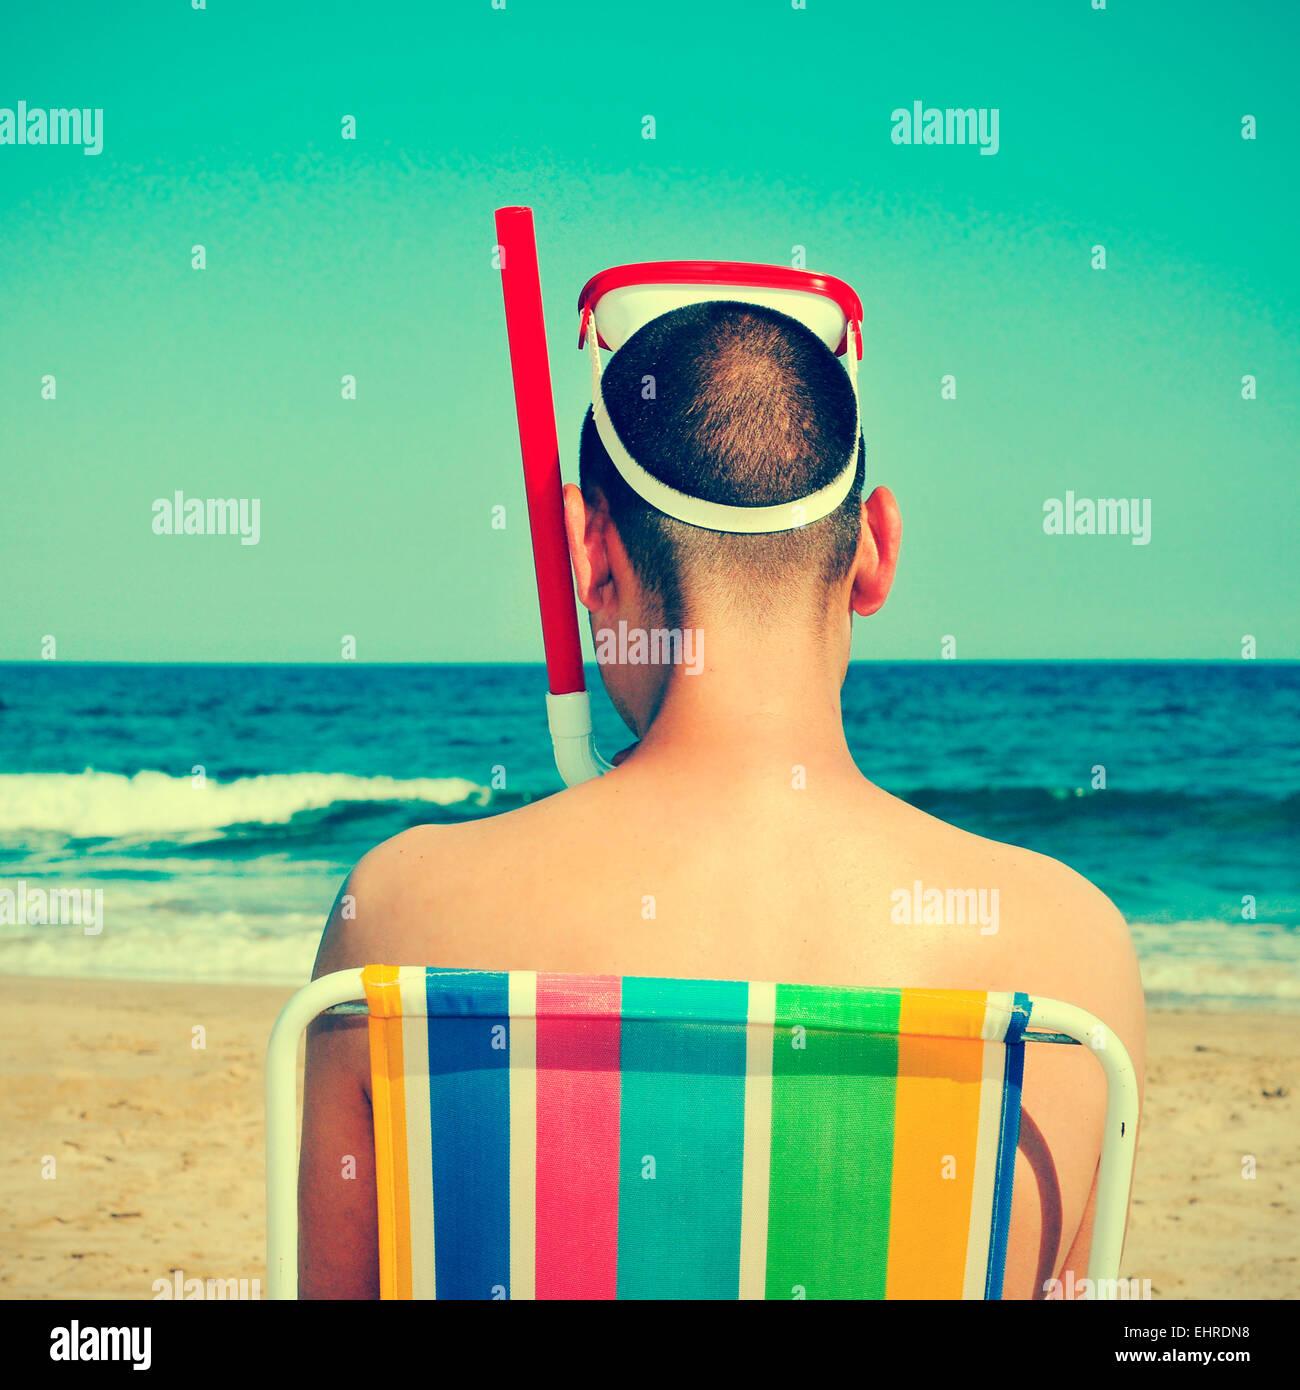 Imagen de la parte posterior de un hombre que llevaba una máscara de buceo y snorkel sentado en una tumbona Imagen De Stock